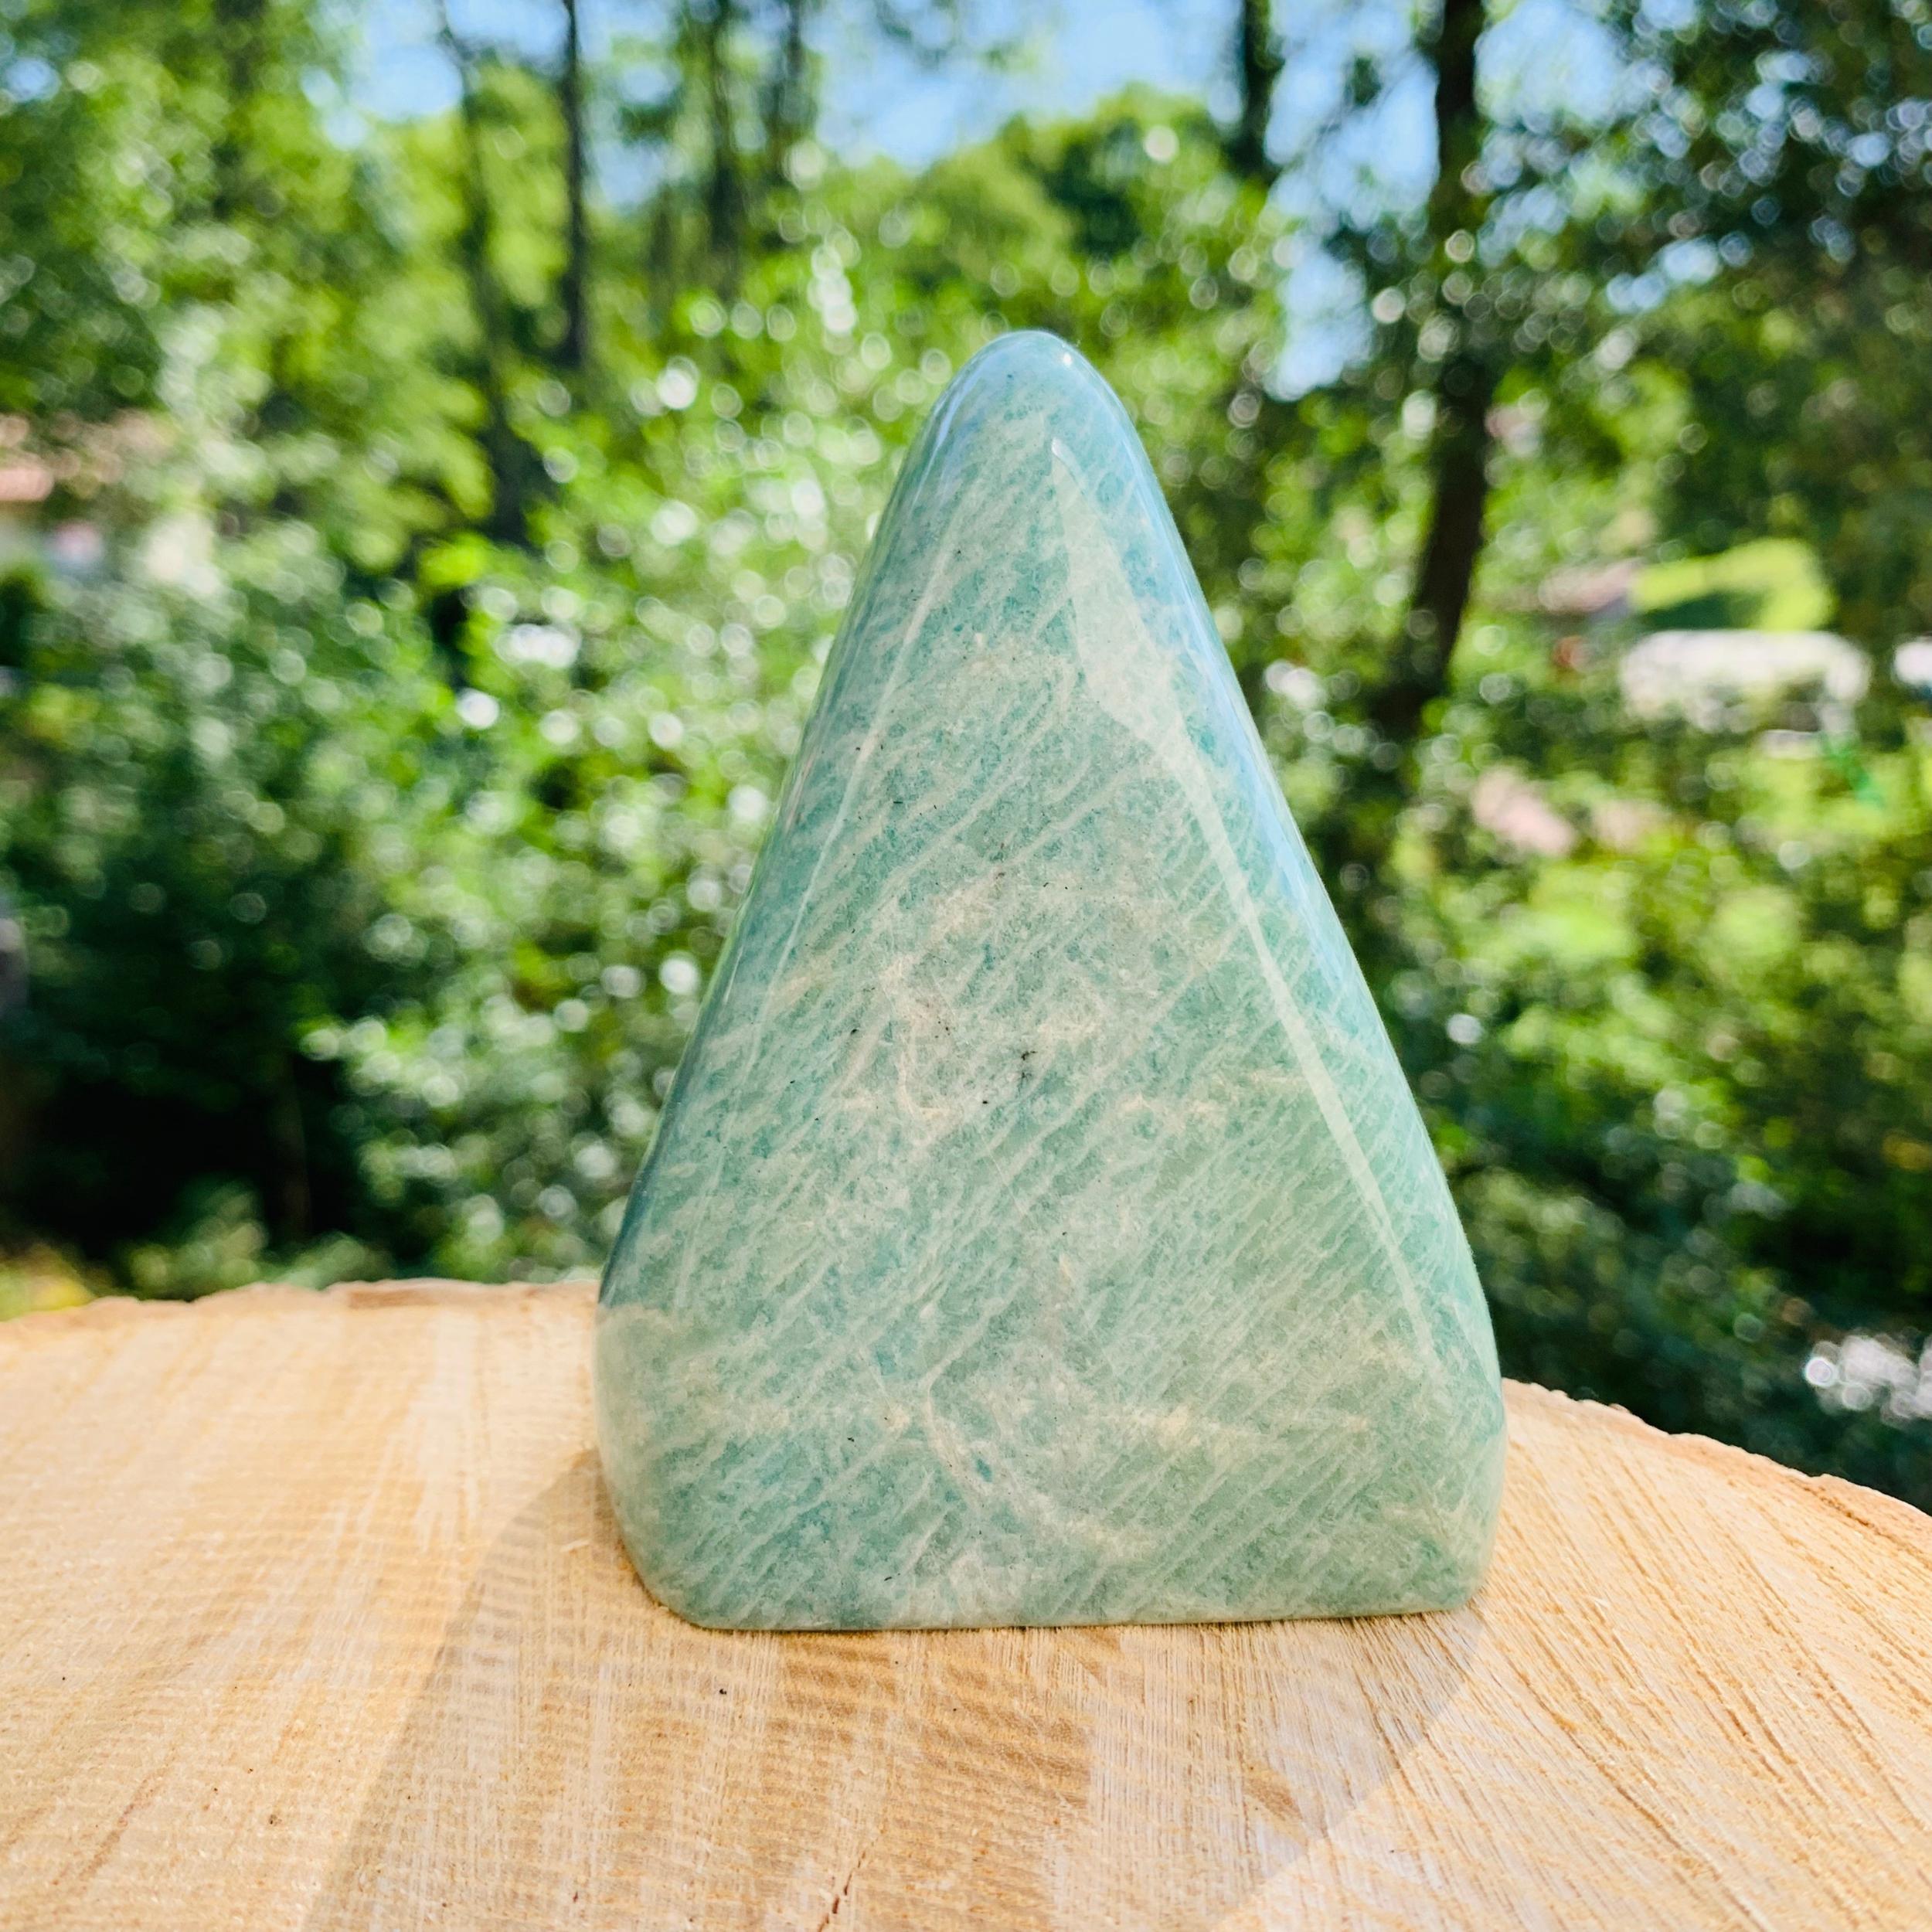 forme-libre-aventurine-pierre-naturelle-pierres-du-monde-brouette-amazonite-vosges-115 copie